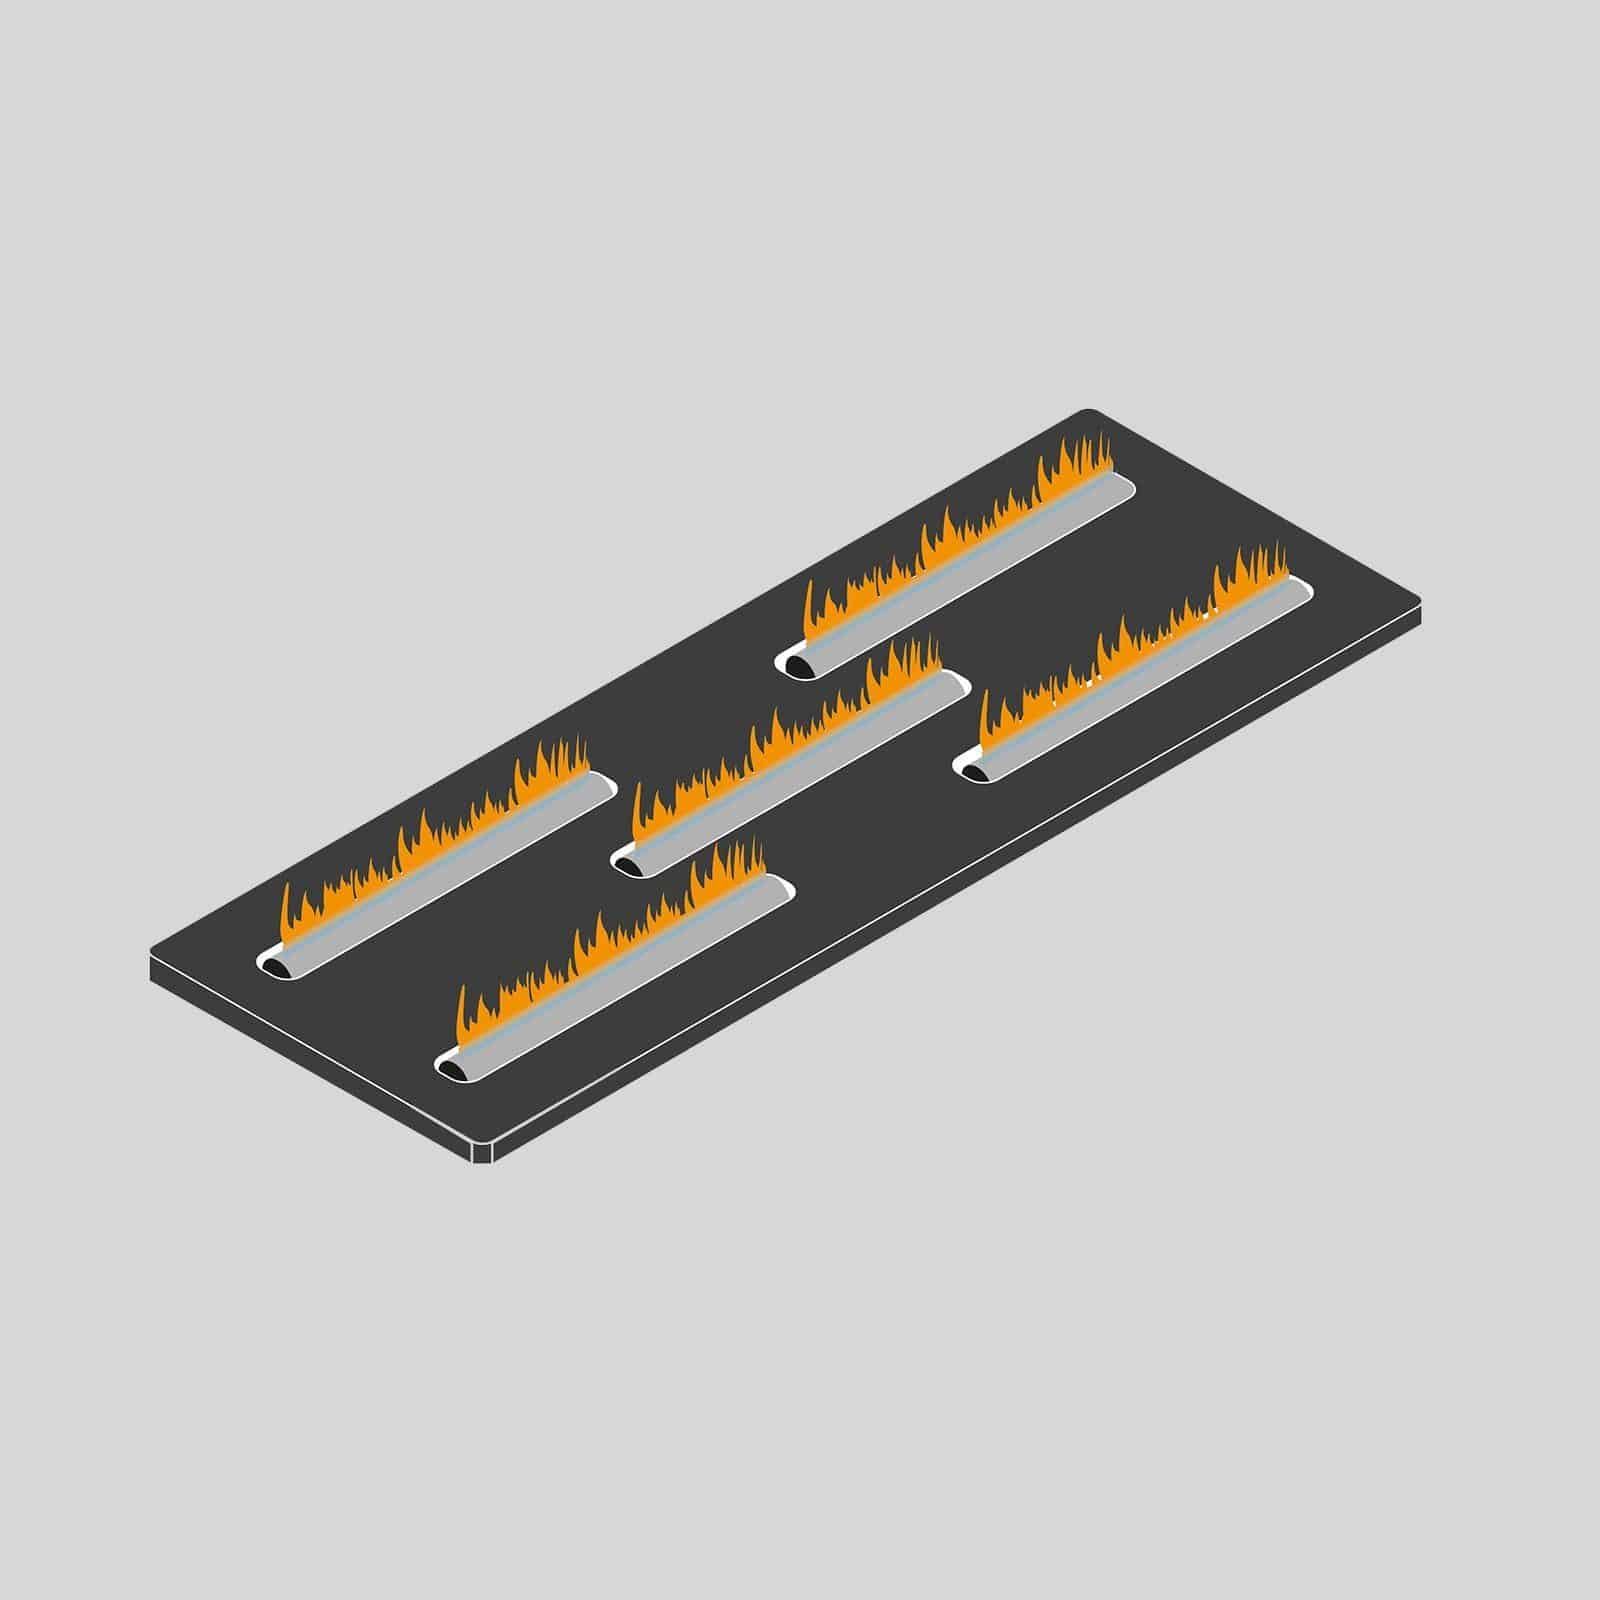 Element4-brænder-quad-brænder-burner-philippejse